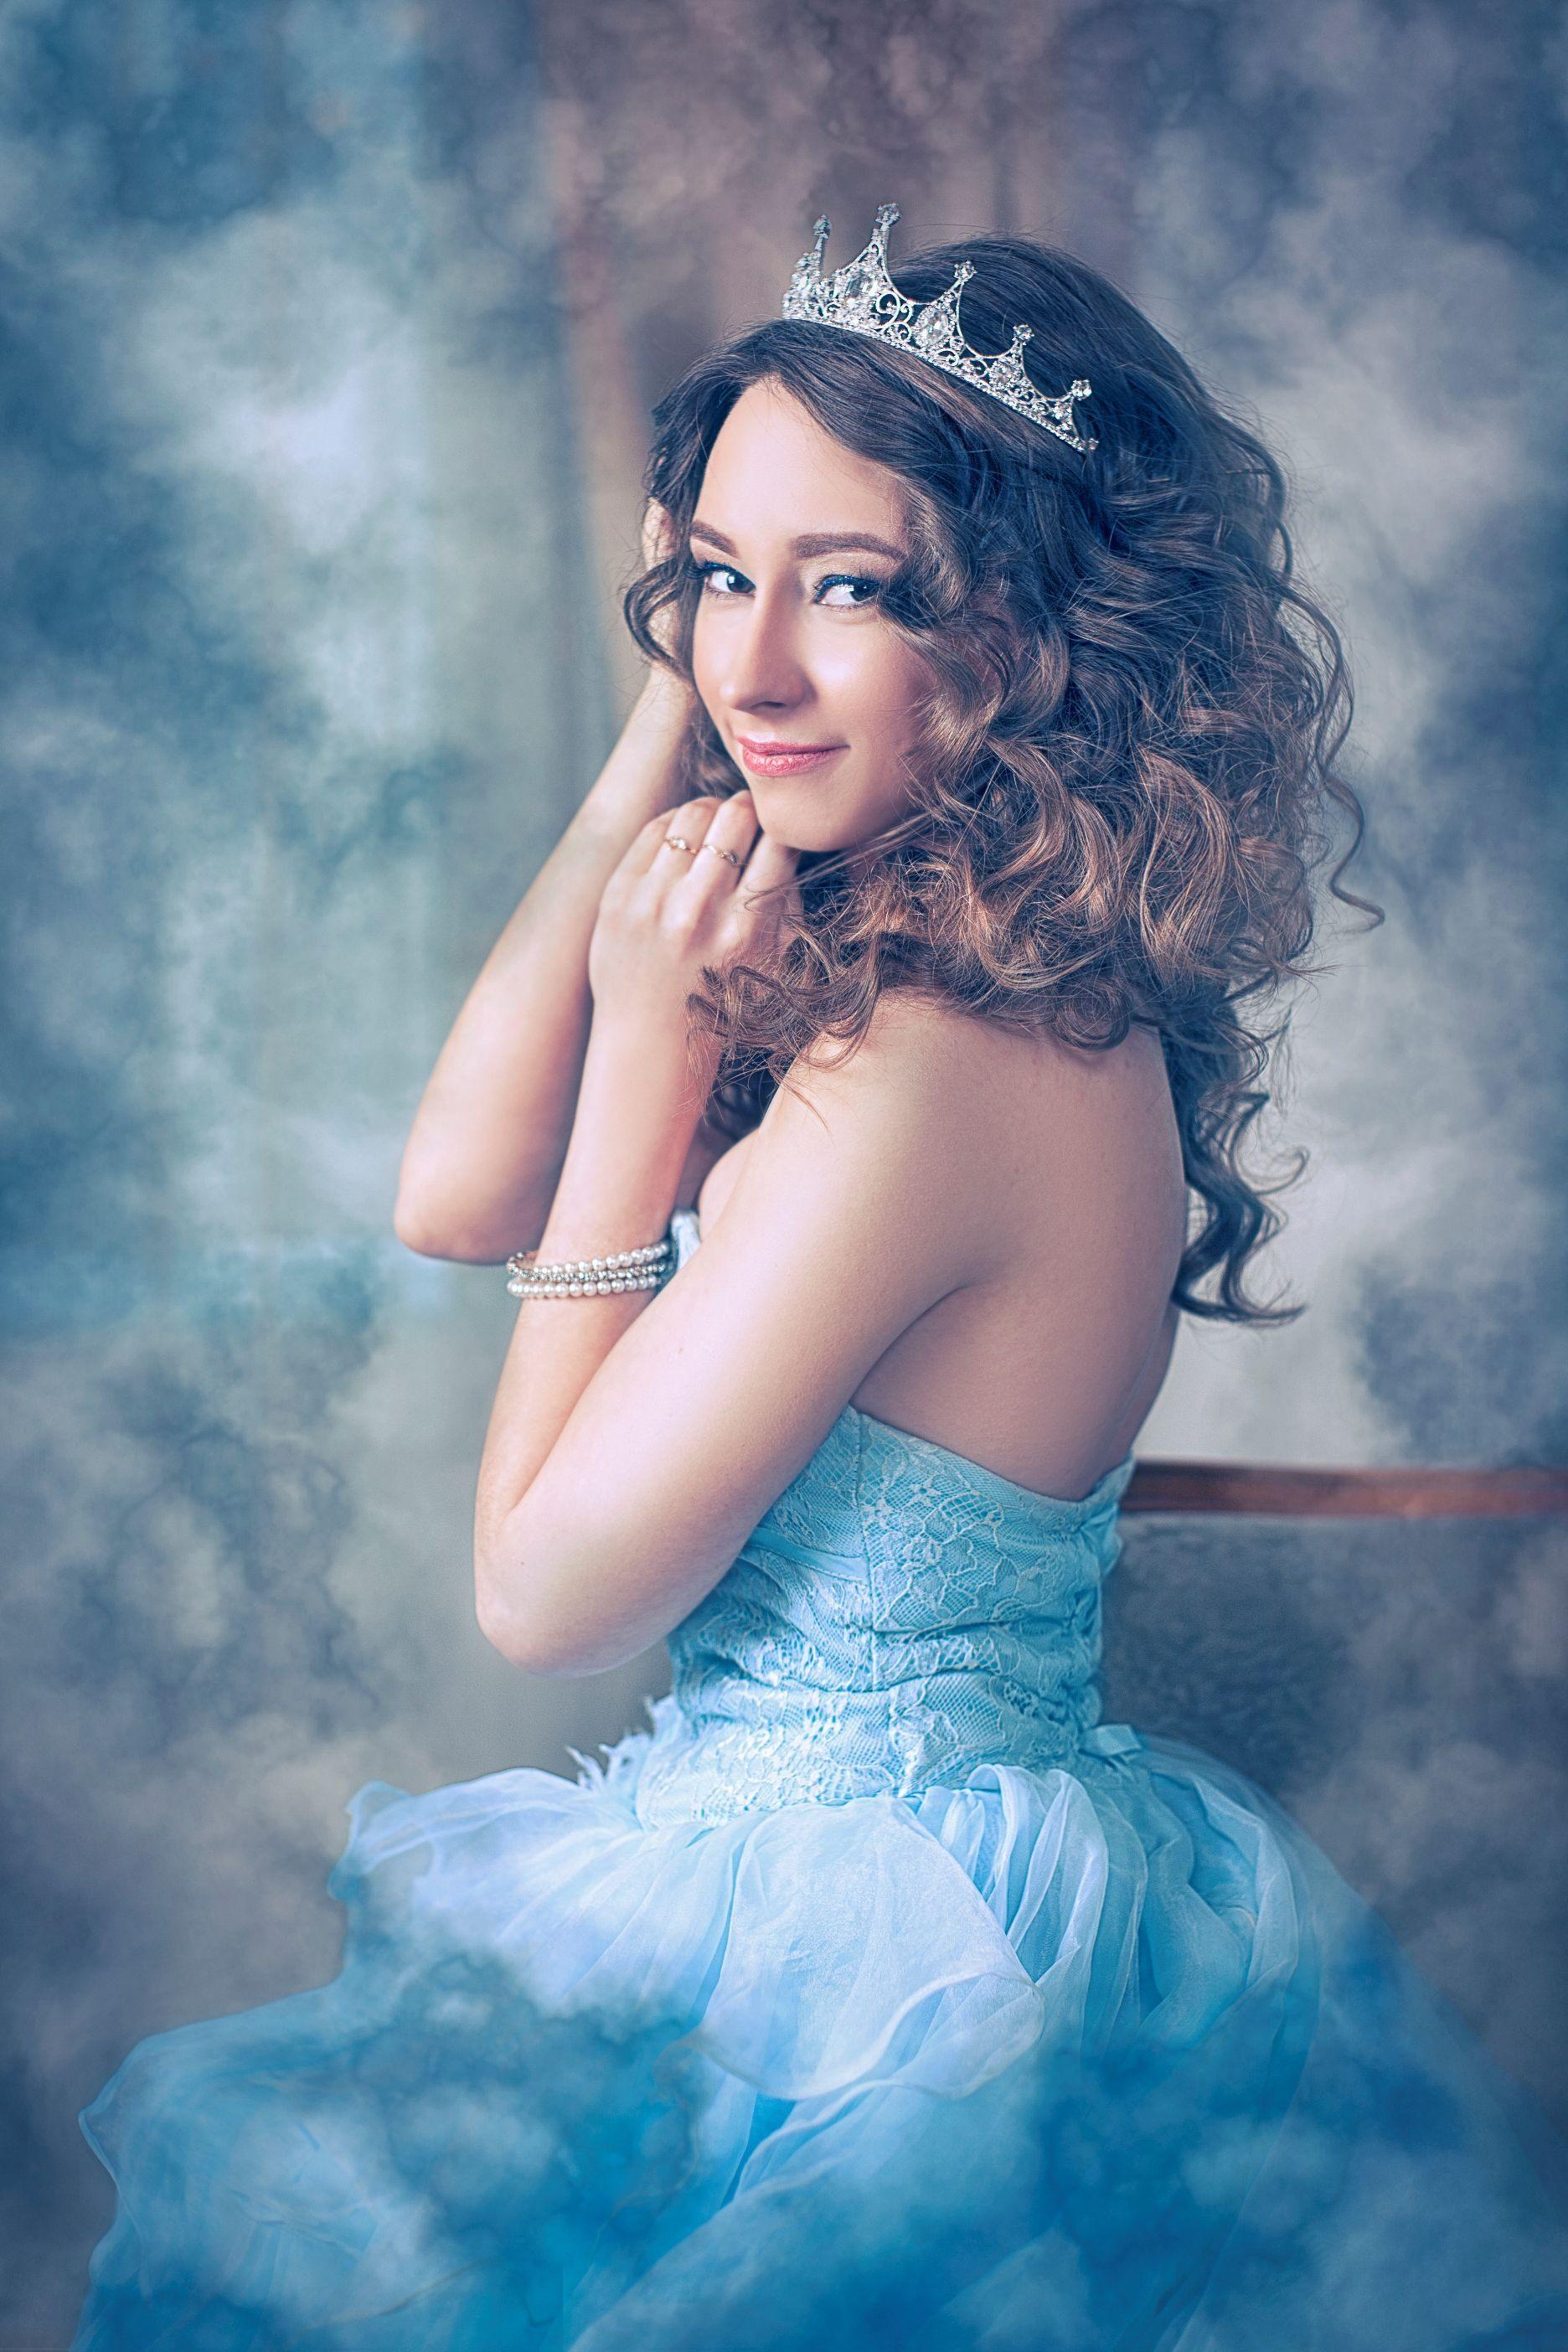 Сказочная фотосессия и идея фотозоны, прекрасная принцесса ...